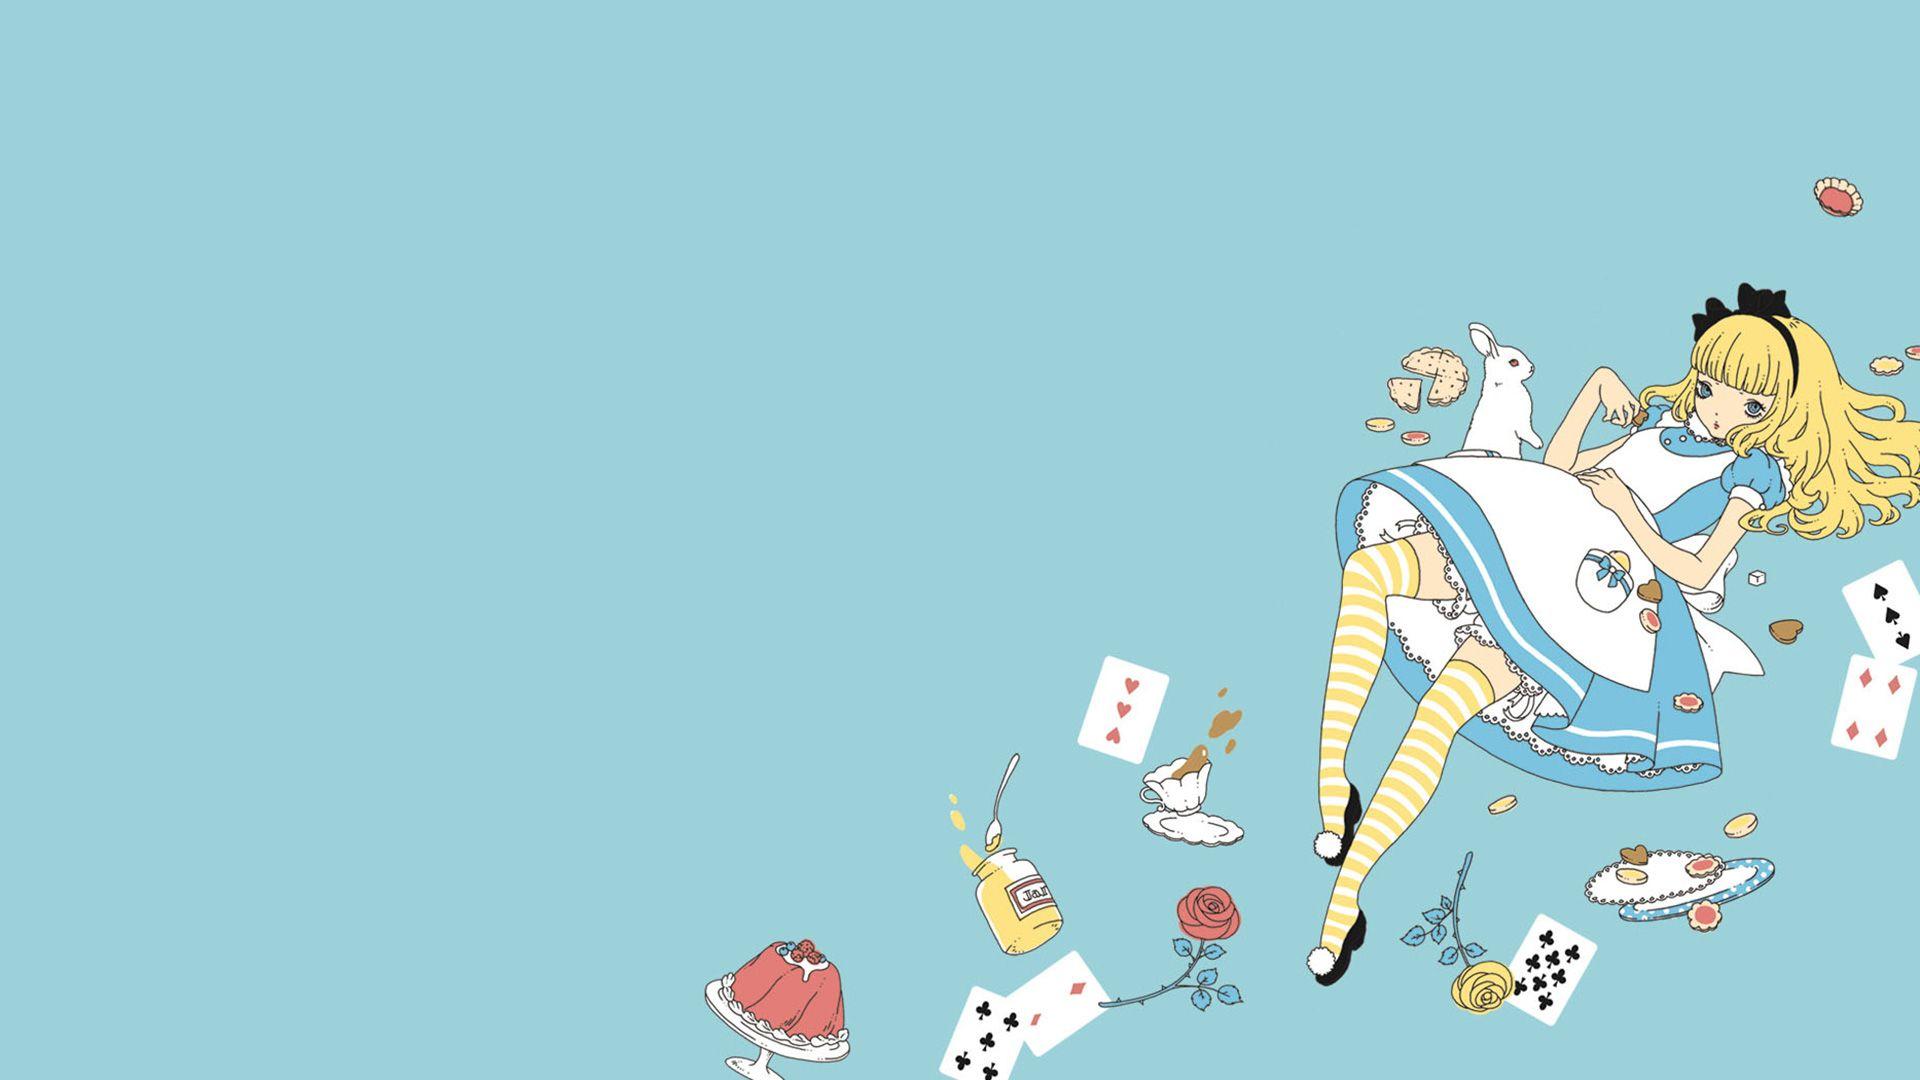 Alice In Wonderland Background 2